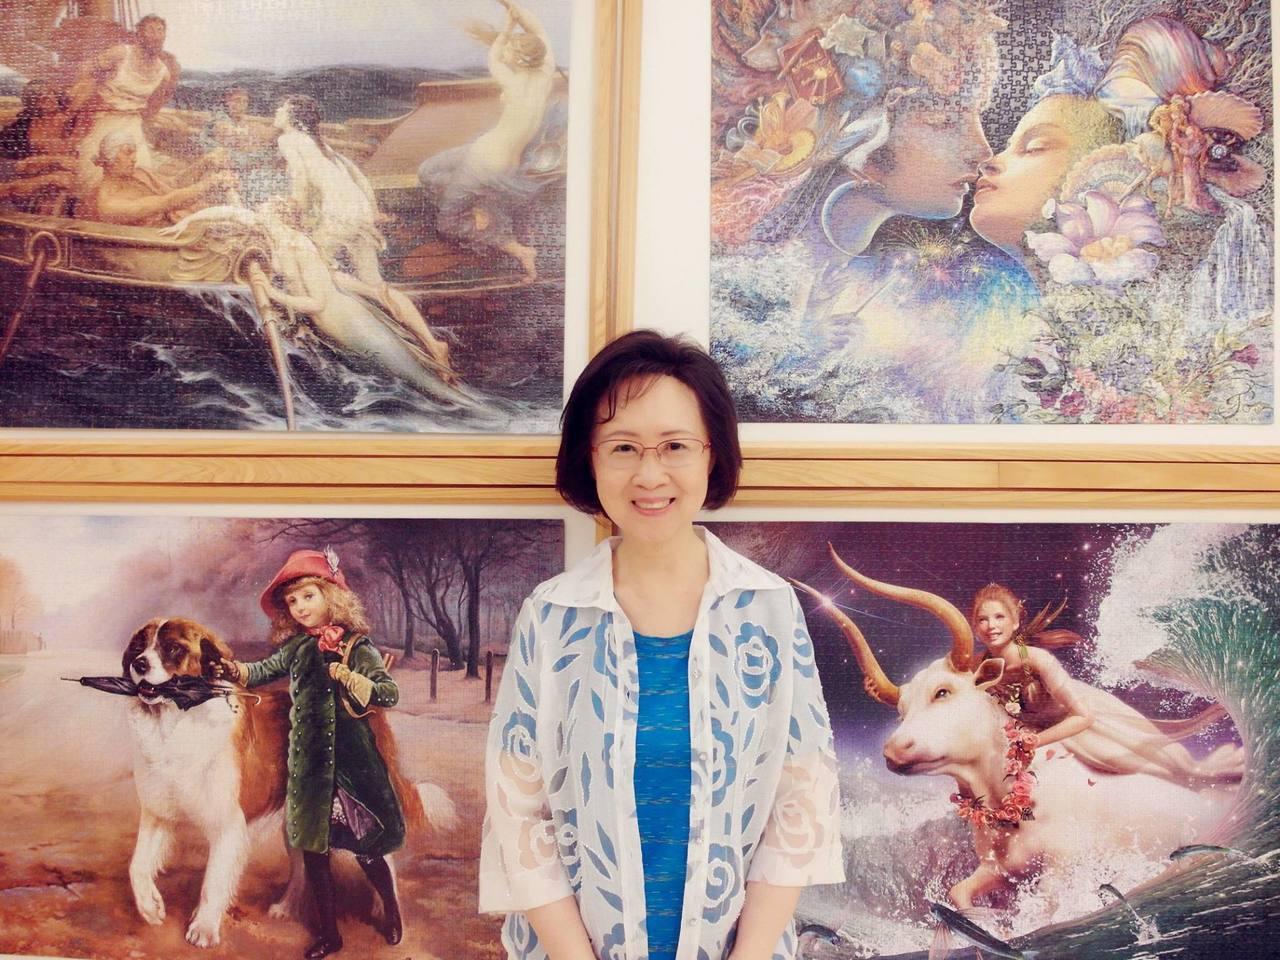 瓊瑤將推出新作「在雪花飄落之前 我生命中最後一課」。 圖/擷自瓊瑤臉書